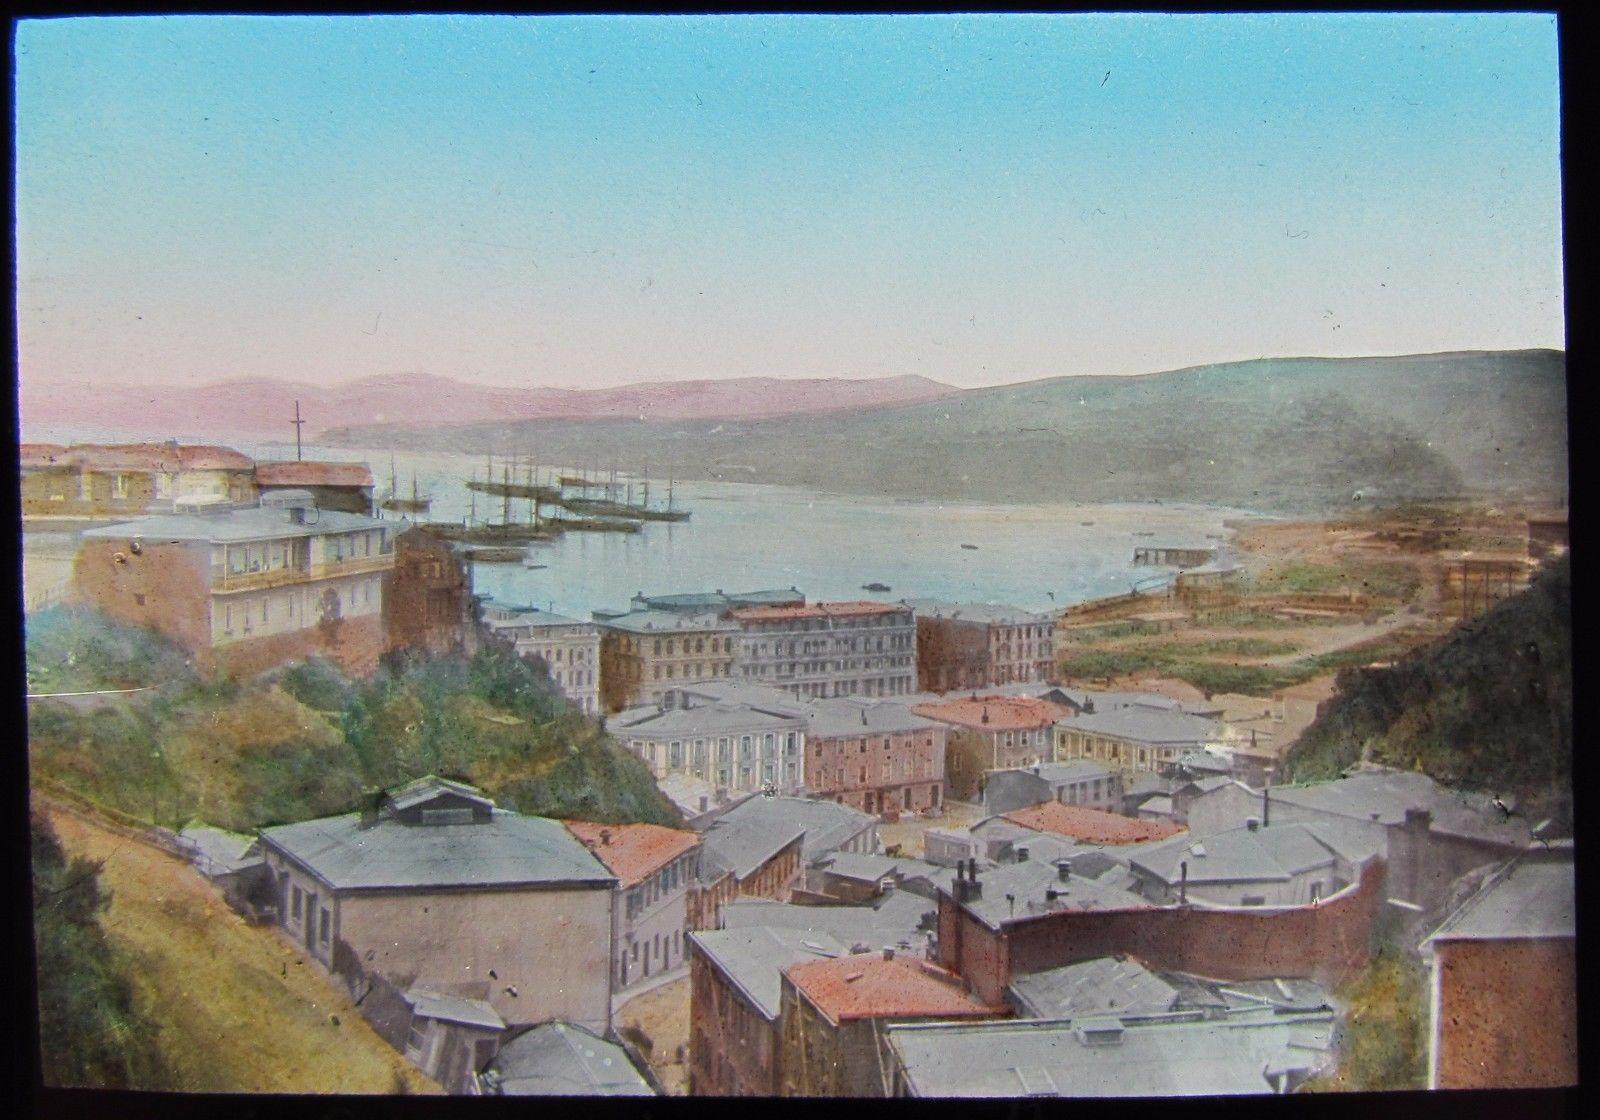 Enterreno - Fotos históricas de chile - fotos antiguas de Chile - Plaza Aníbal Pinto de Valparaíso hacia 1890